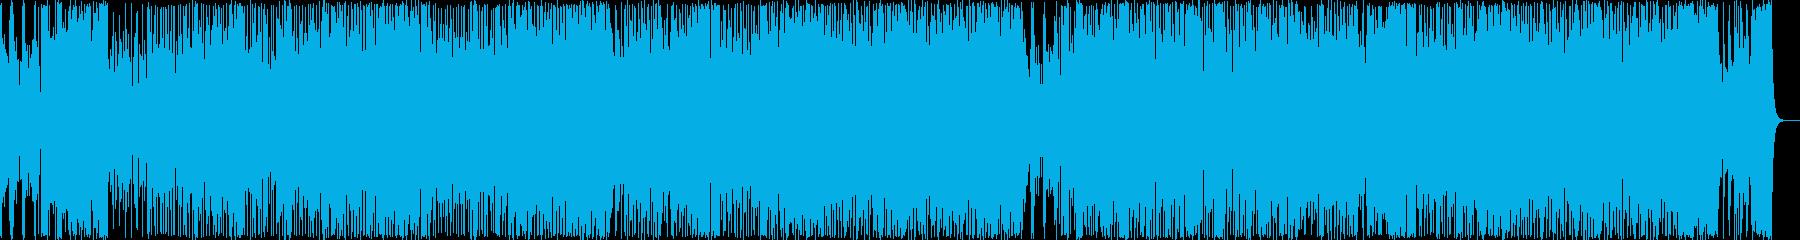 ファンキーな雰囲気のポップス3の再生済みの波形